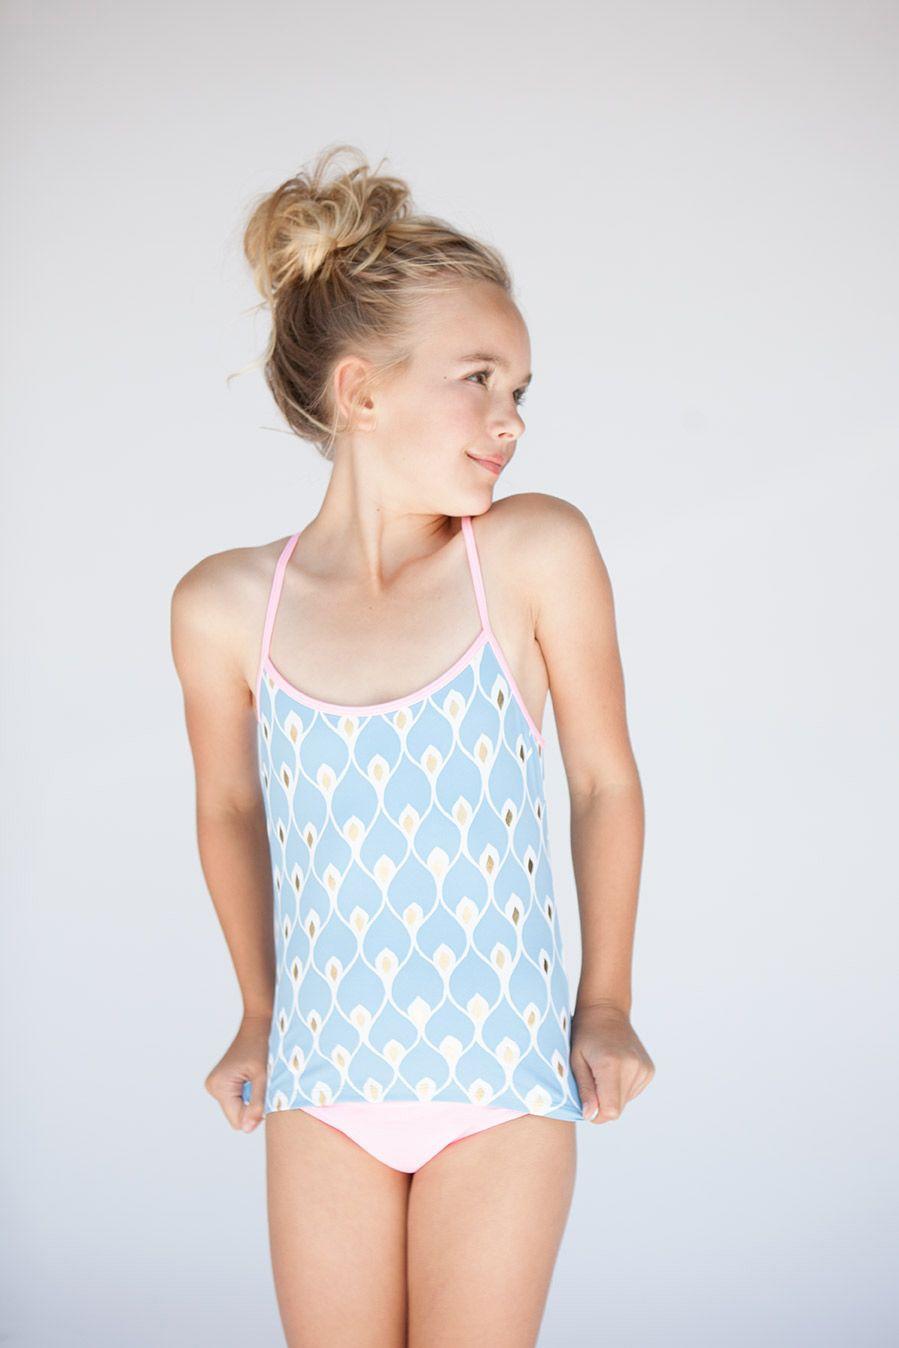 Bikini für Bademoden für Mädchen, Badebekleidung, Mädchen, Mädchen ...